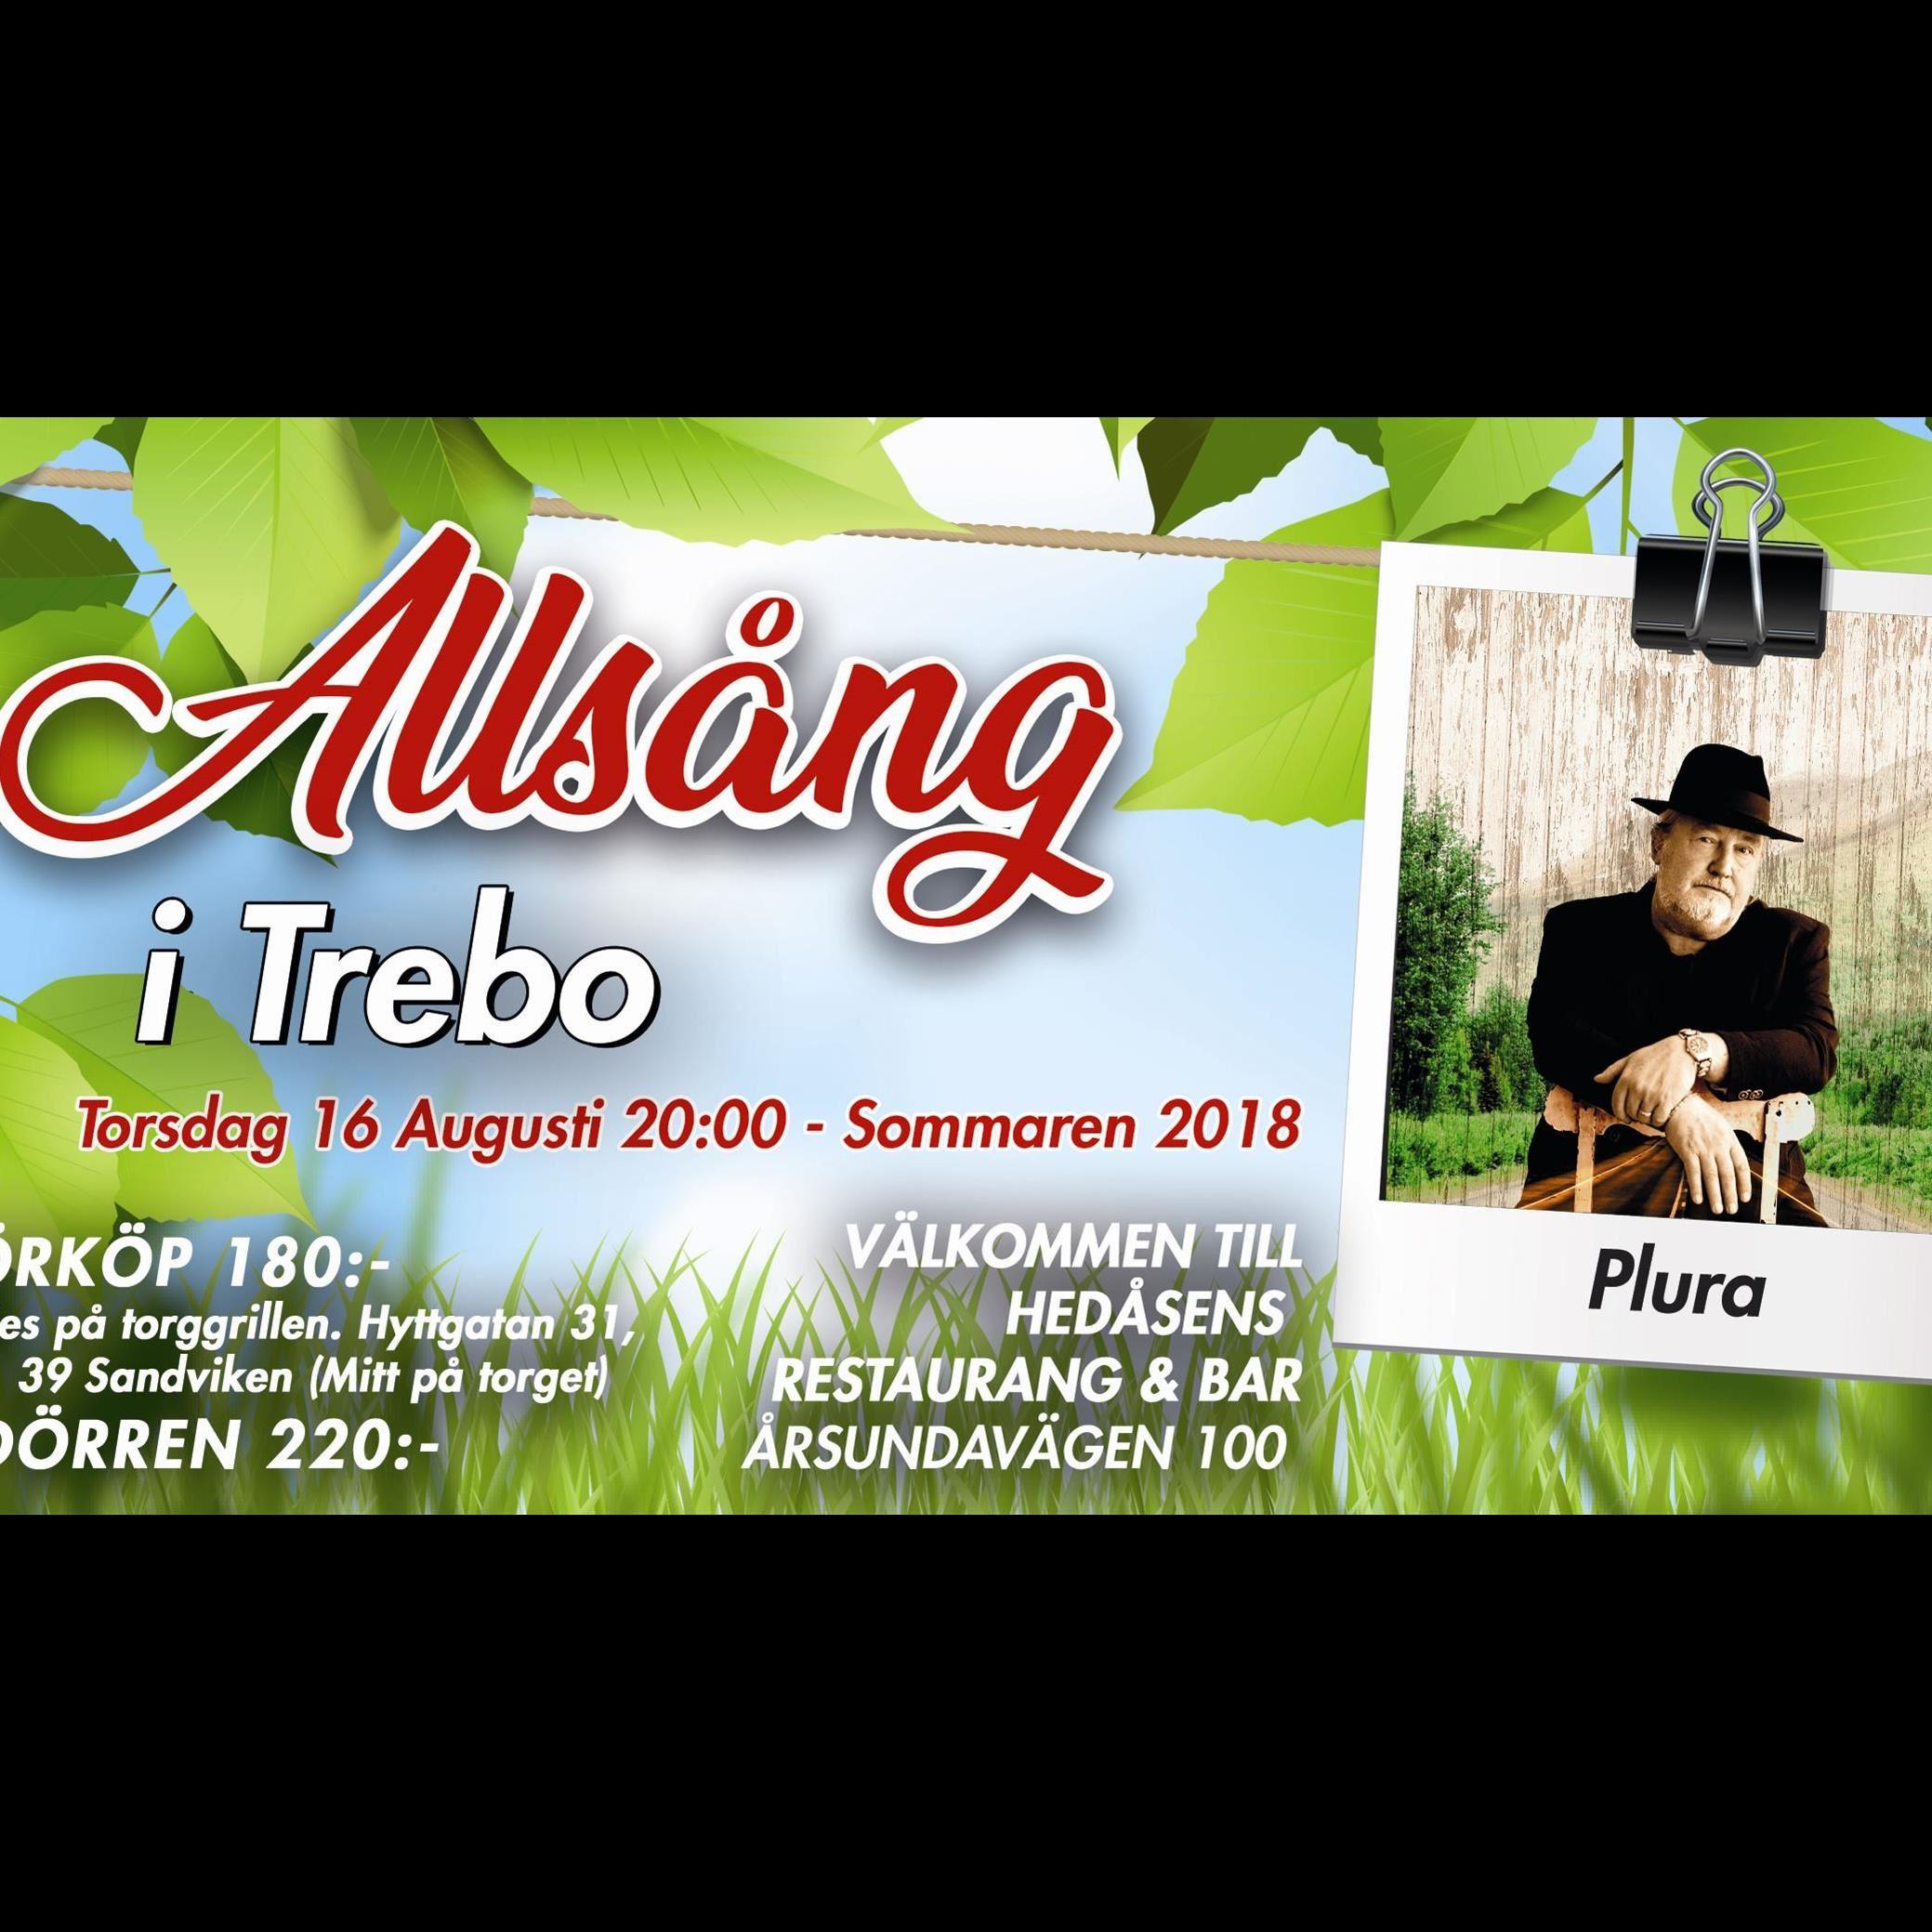 Allsång i Trebo  -Midnight Express & Plura